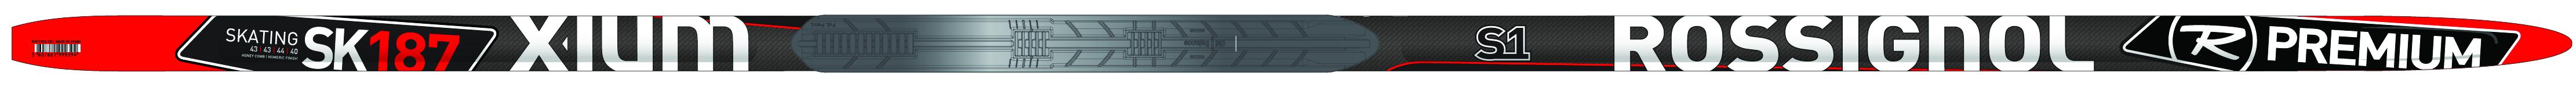 Rossignol X-Ium skate Premium S1